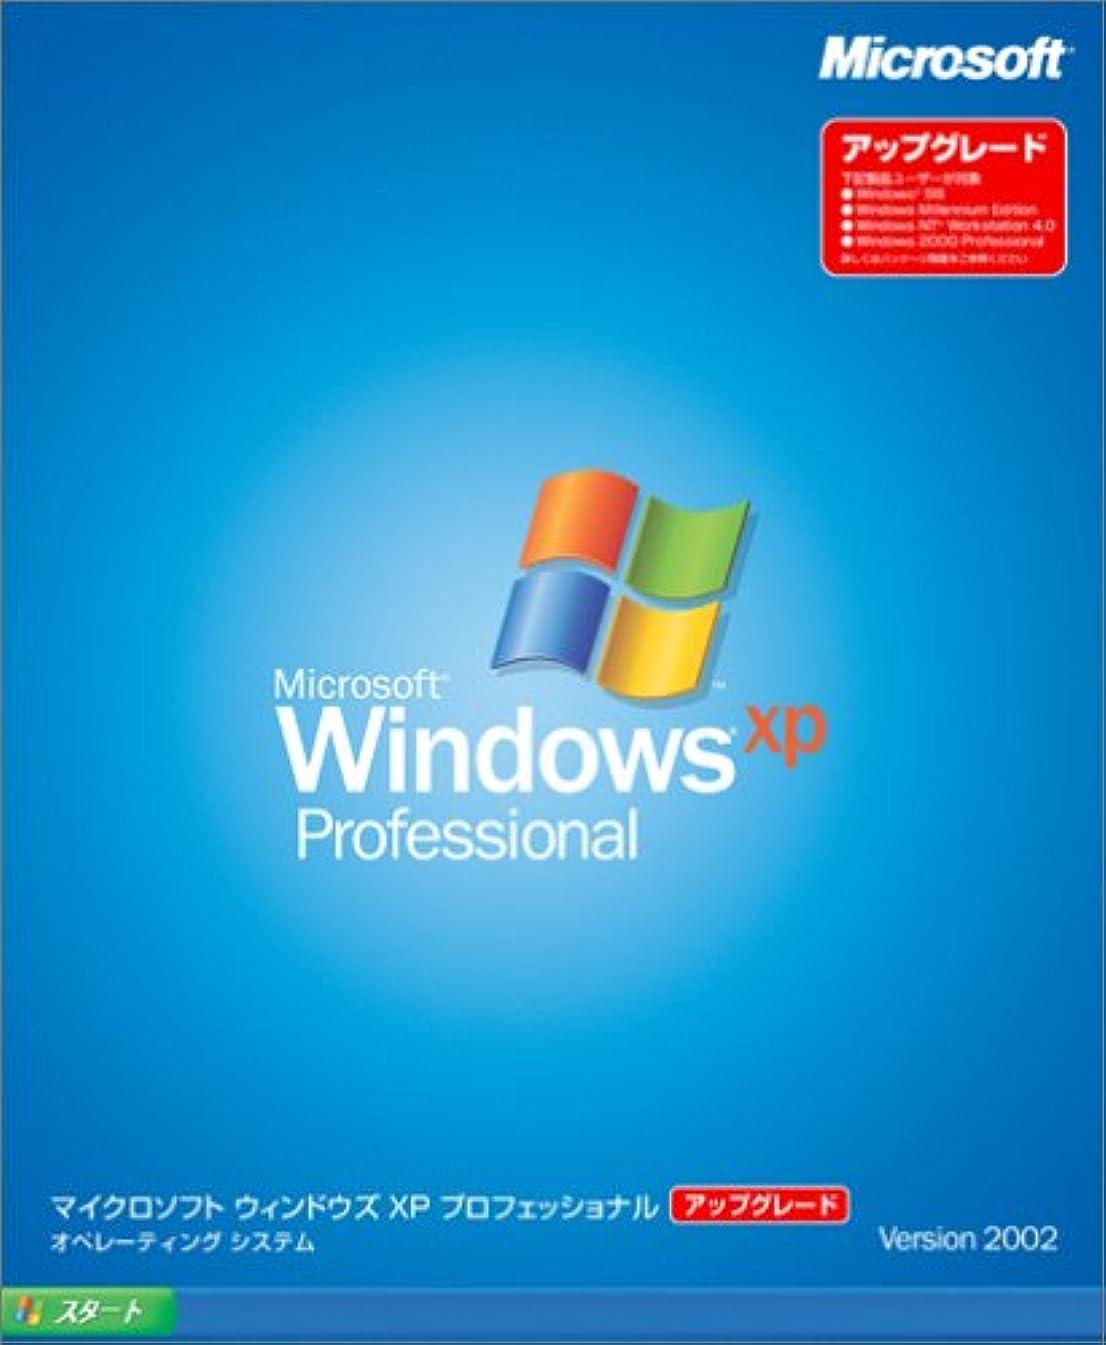 冷ややかな悪性腫瘍荷物【旧商品/サポート終了】Microsoft  Windows XP Professional アップグレード版